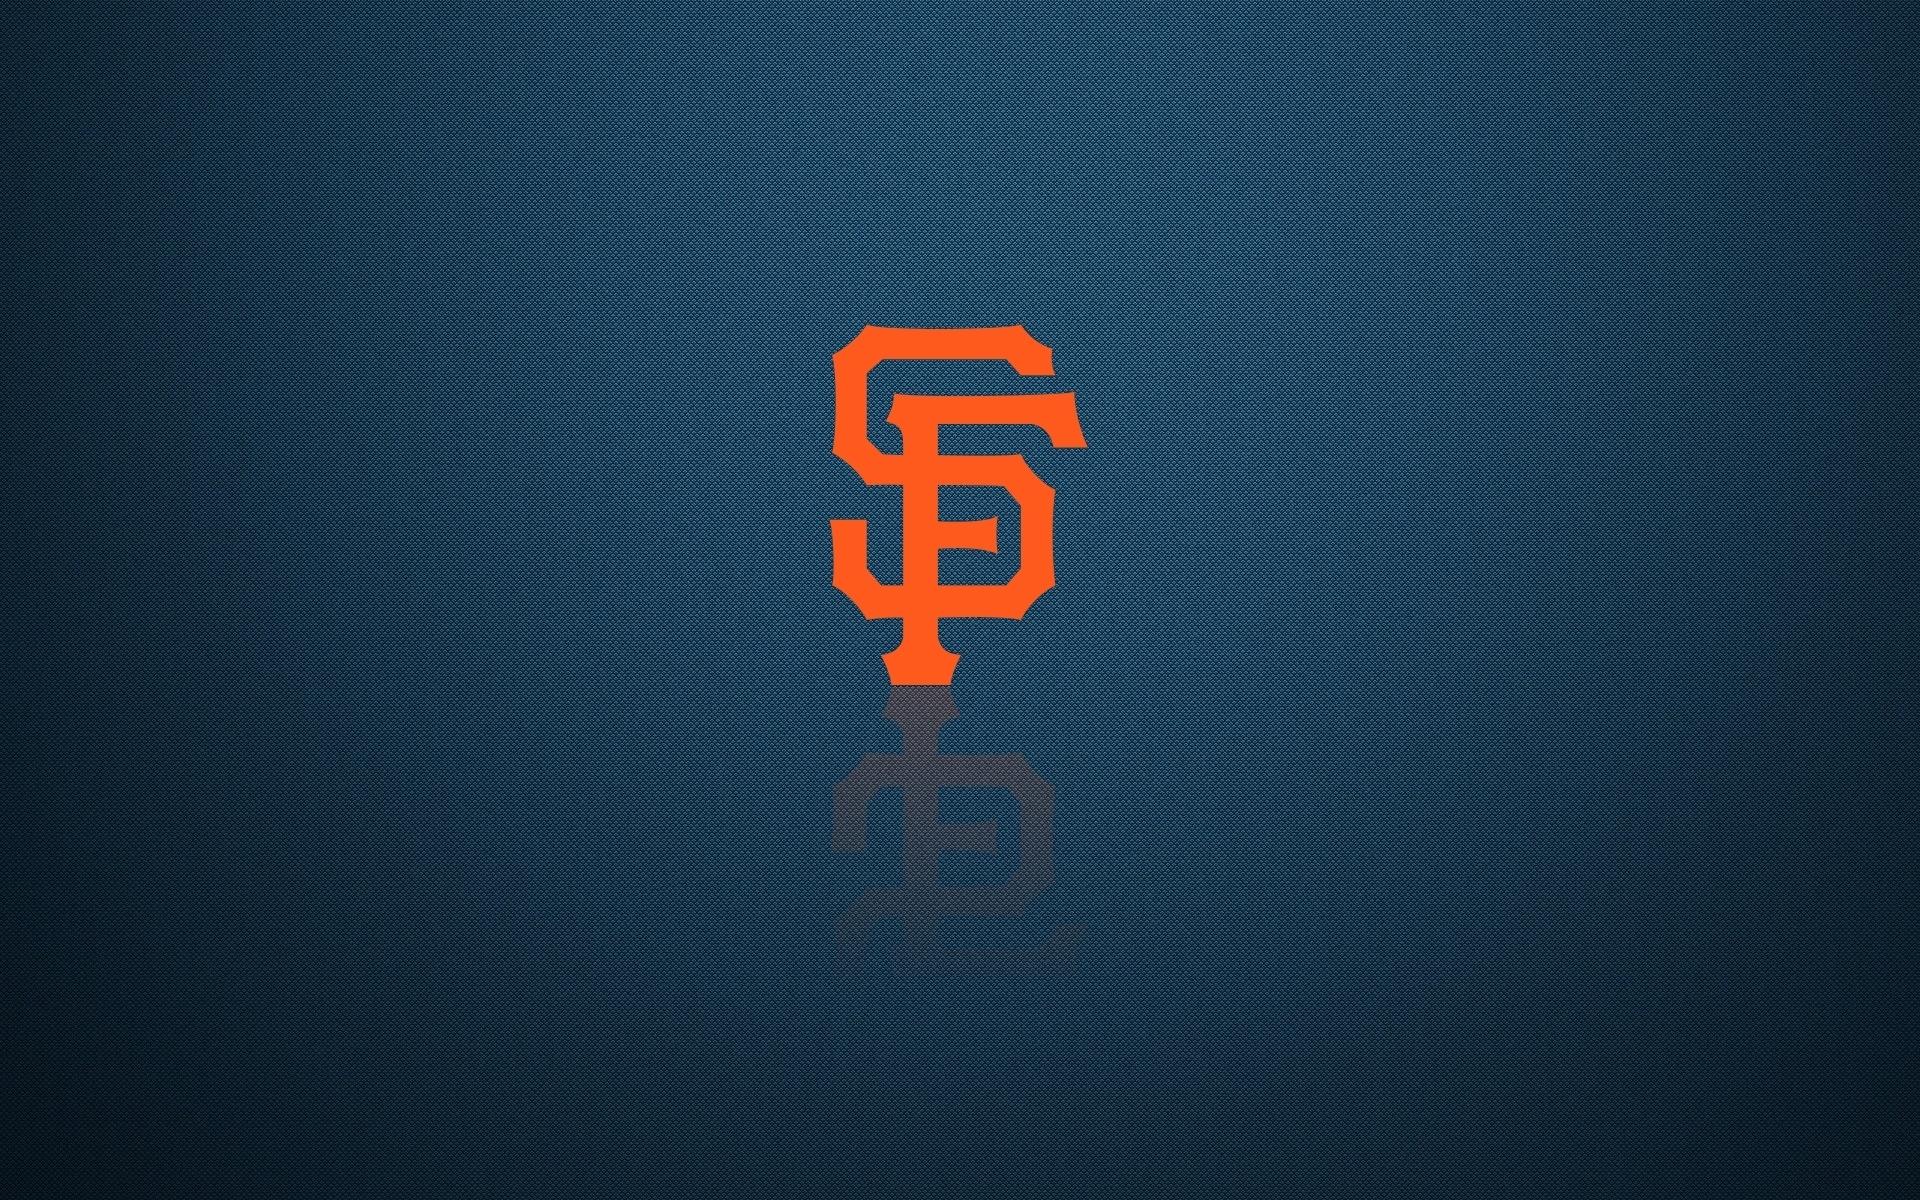 san-francisco-giants-logo-hd-background - wallpaper.wiki